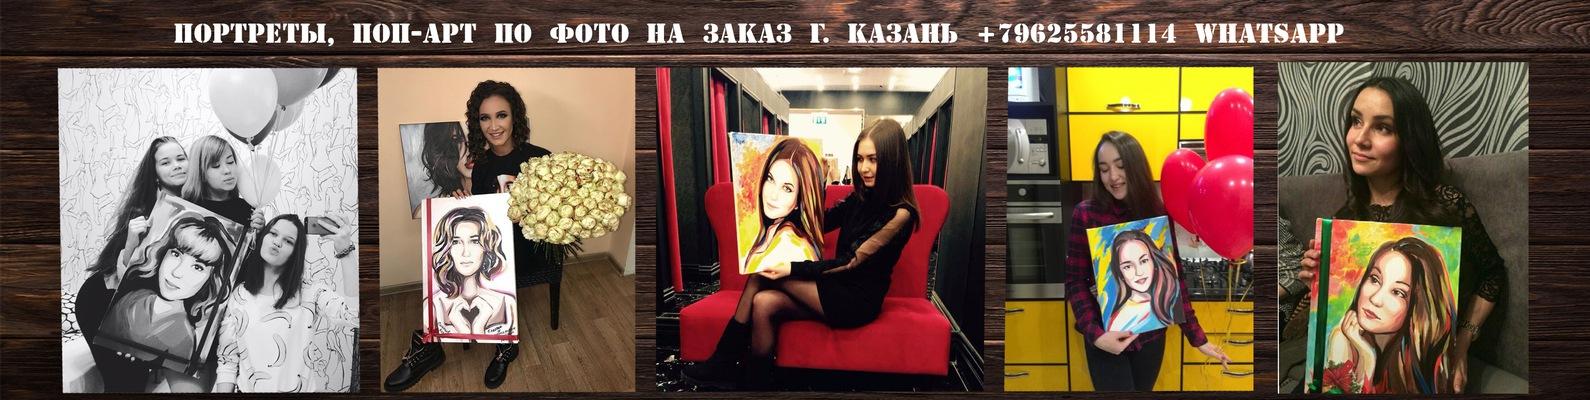 больнице скучно рисование портрета с фотографии на заказ балаково учился, посещал кружки